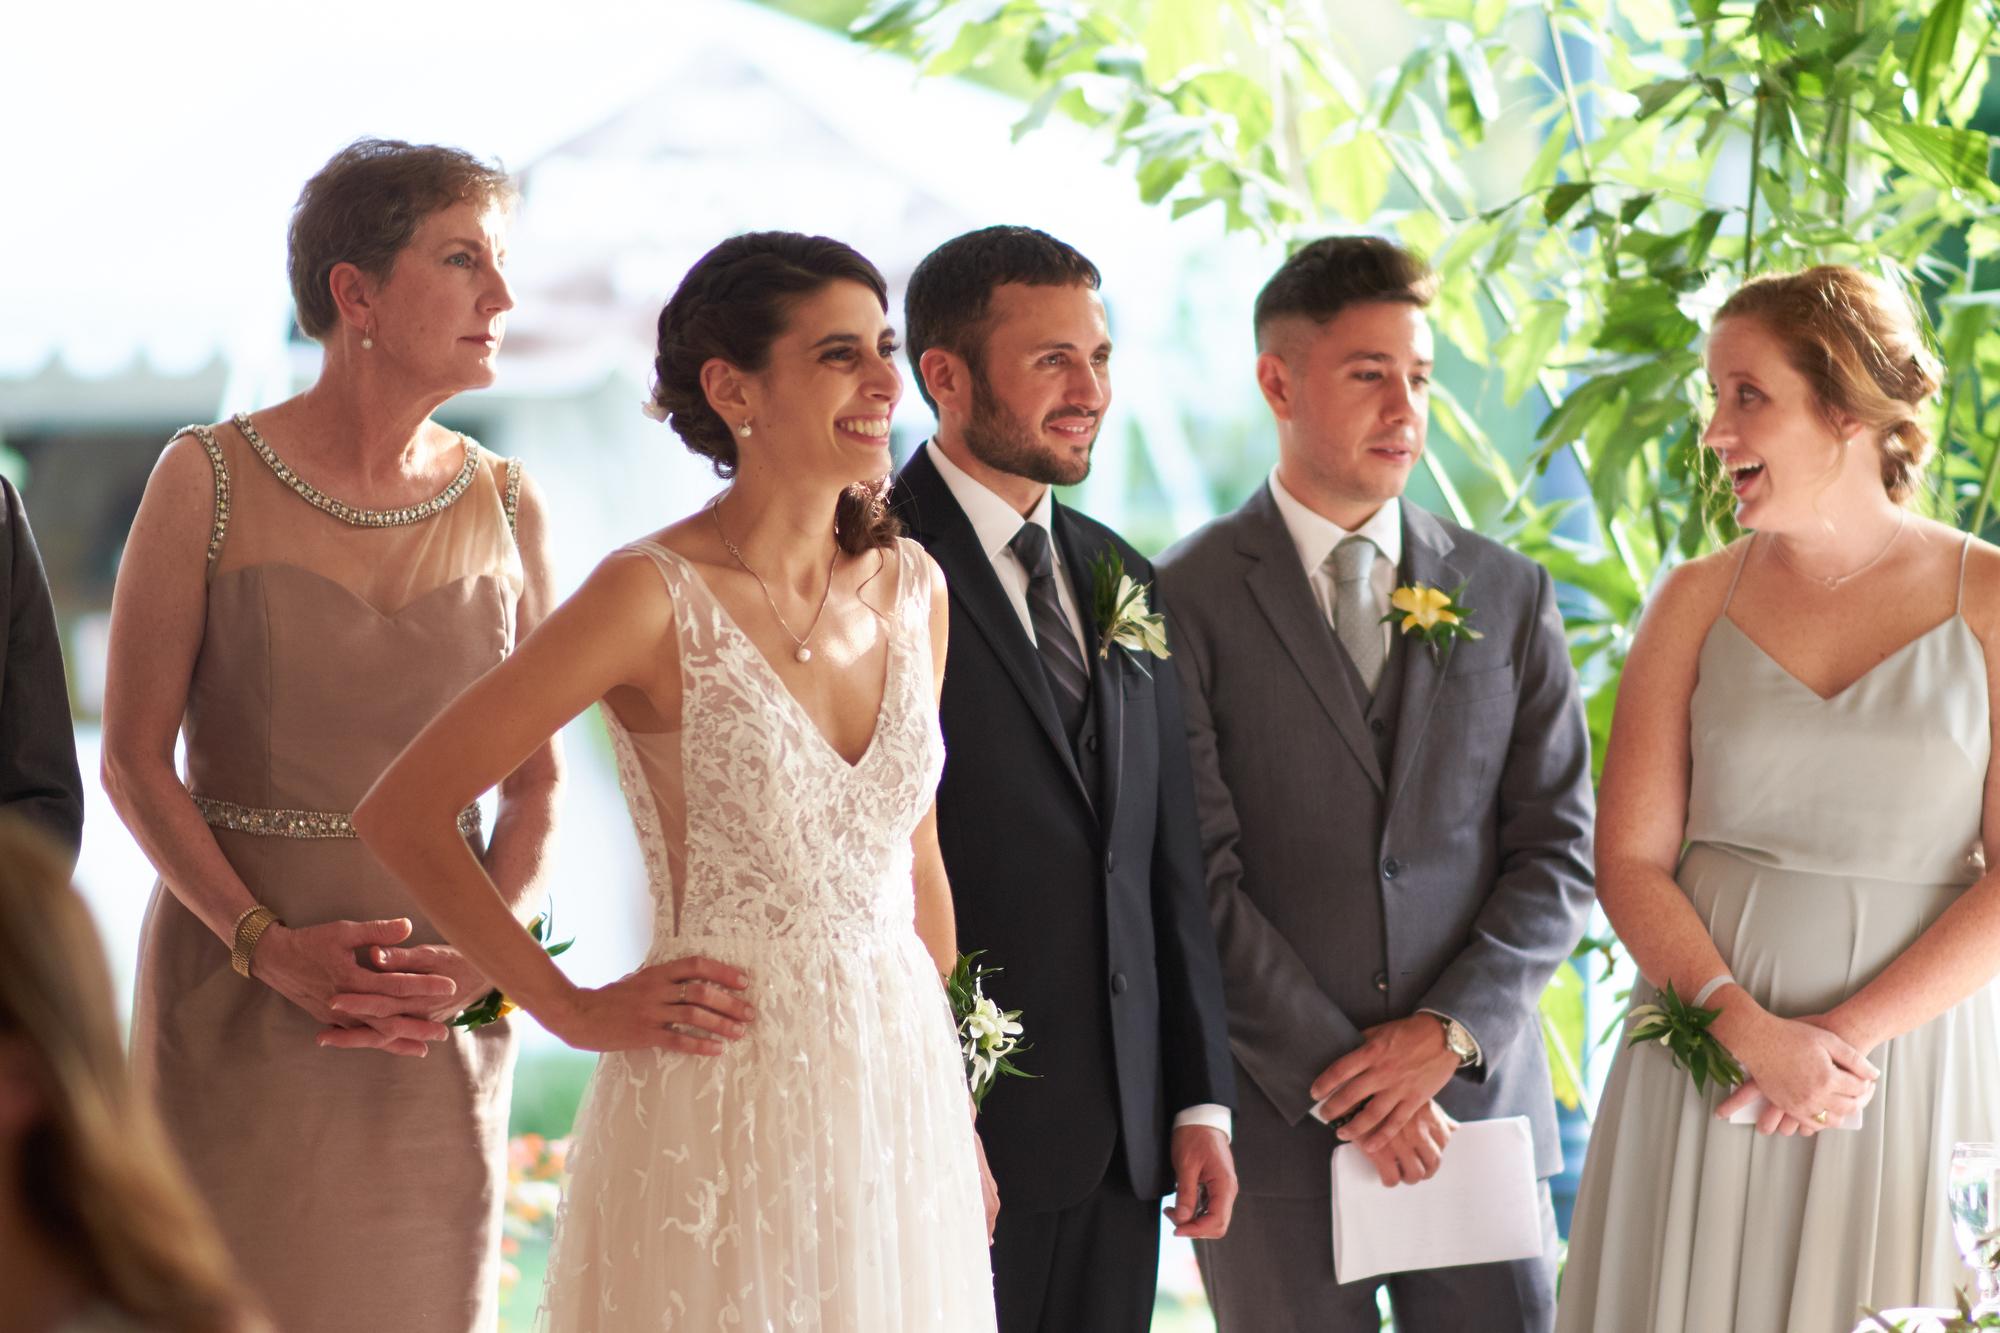 2019-07-20_18-04-57_FUJIFILM_X-T1_(c)_RH_weddingsbyryanandkate.comA.JPG